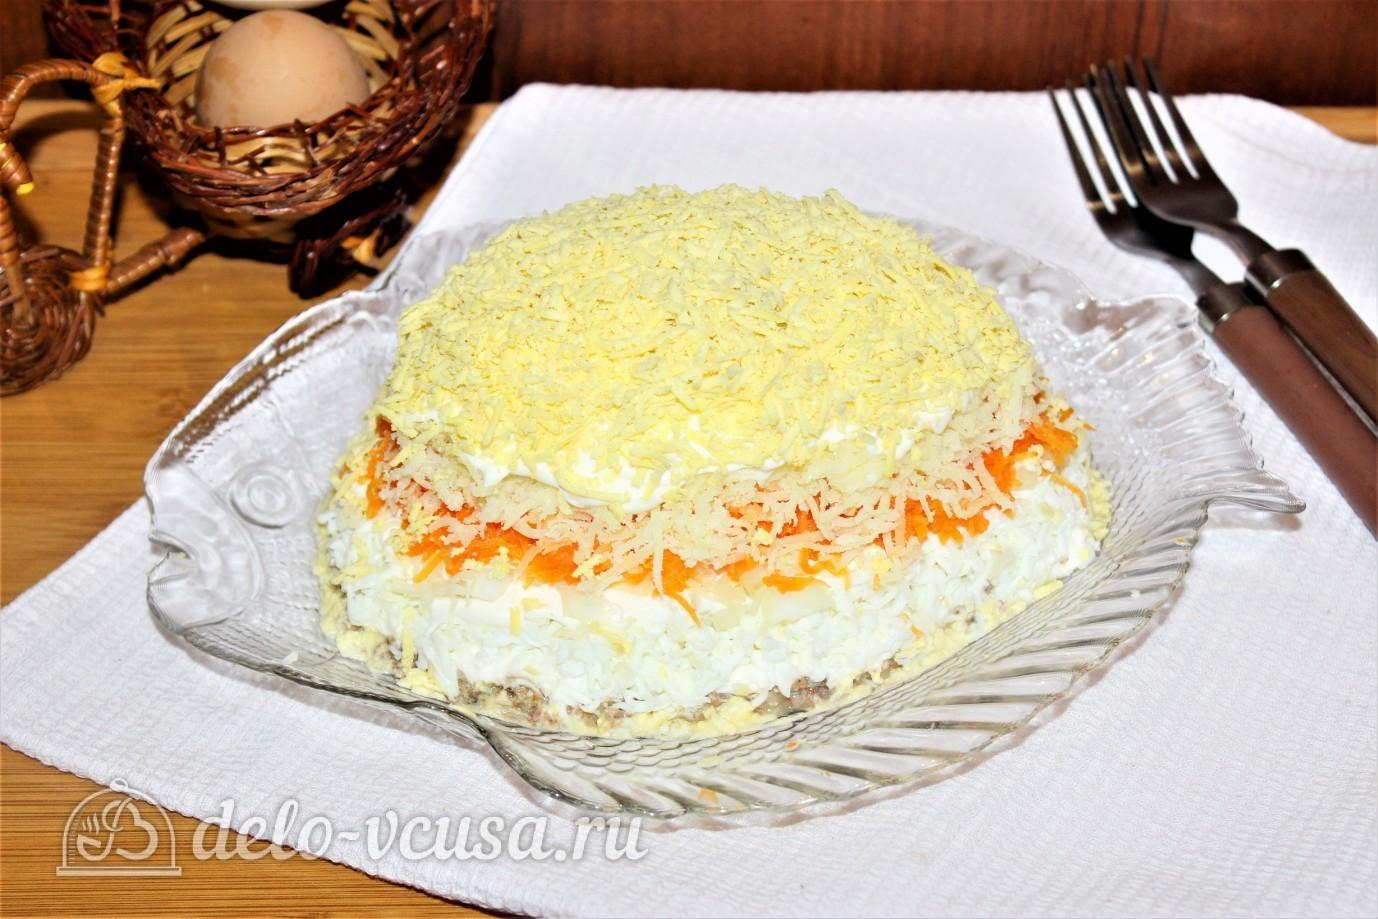 Мимоза с сардиной рецепт классический пошаговый рецепт